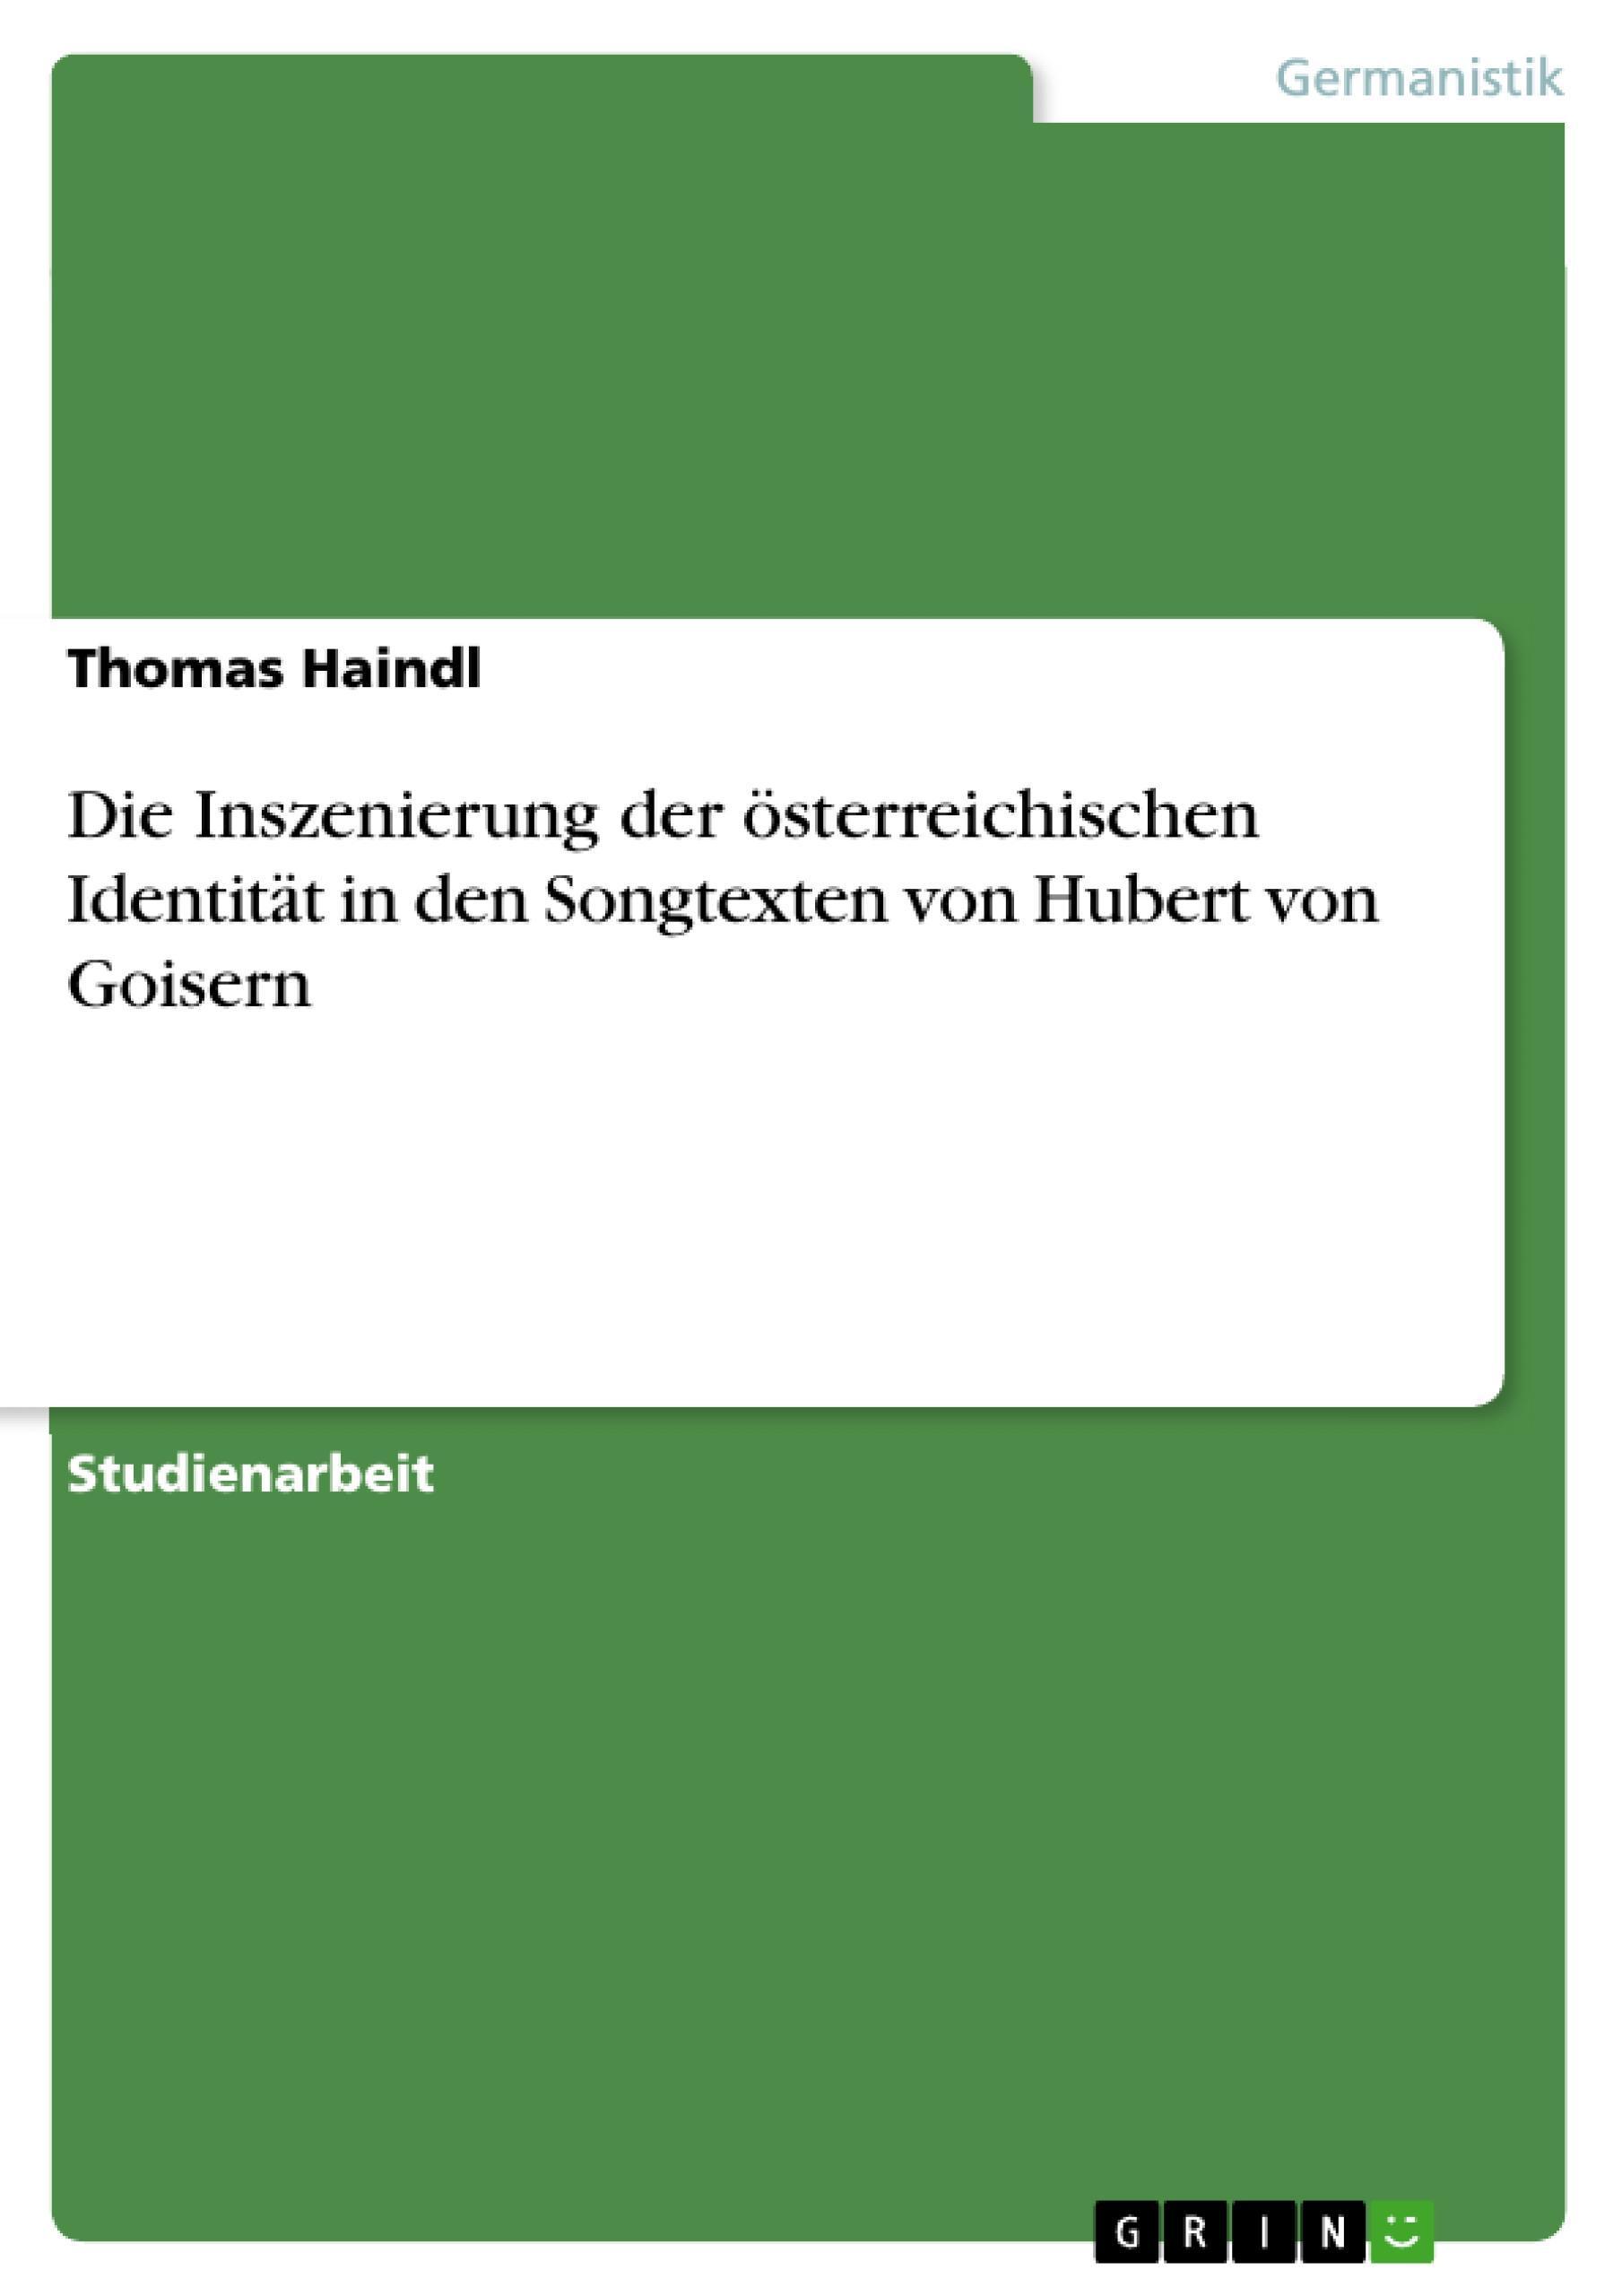 Die Inszenierung der österreichischen Identität in den Songtexten von Huber ...